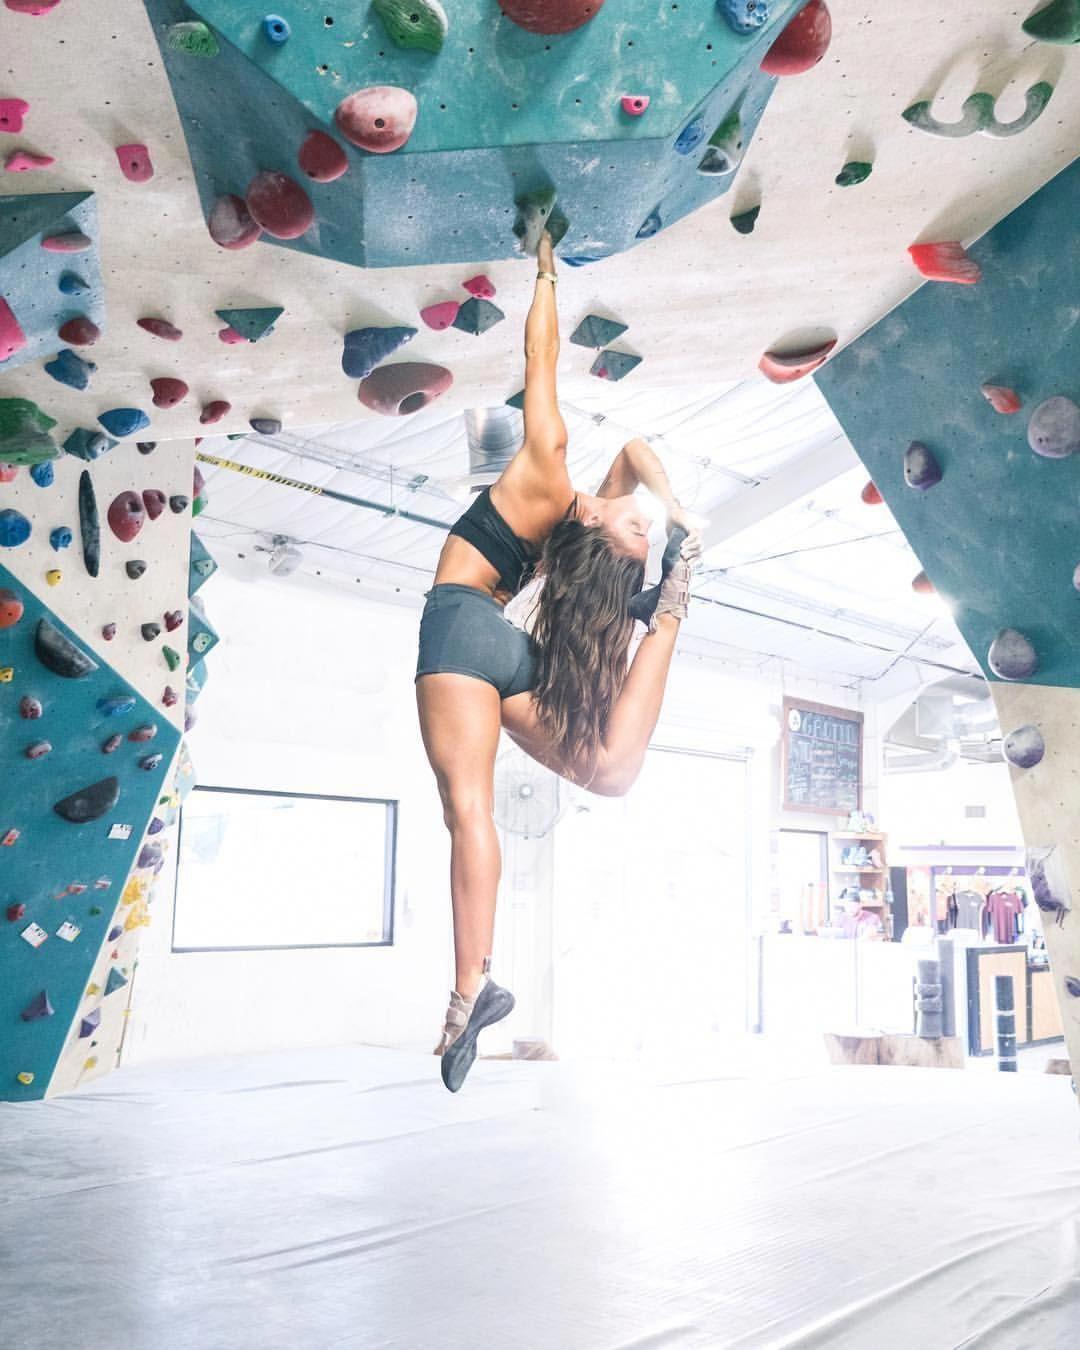 Rock climbing gym, Indoor rock climbing